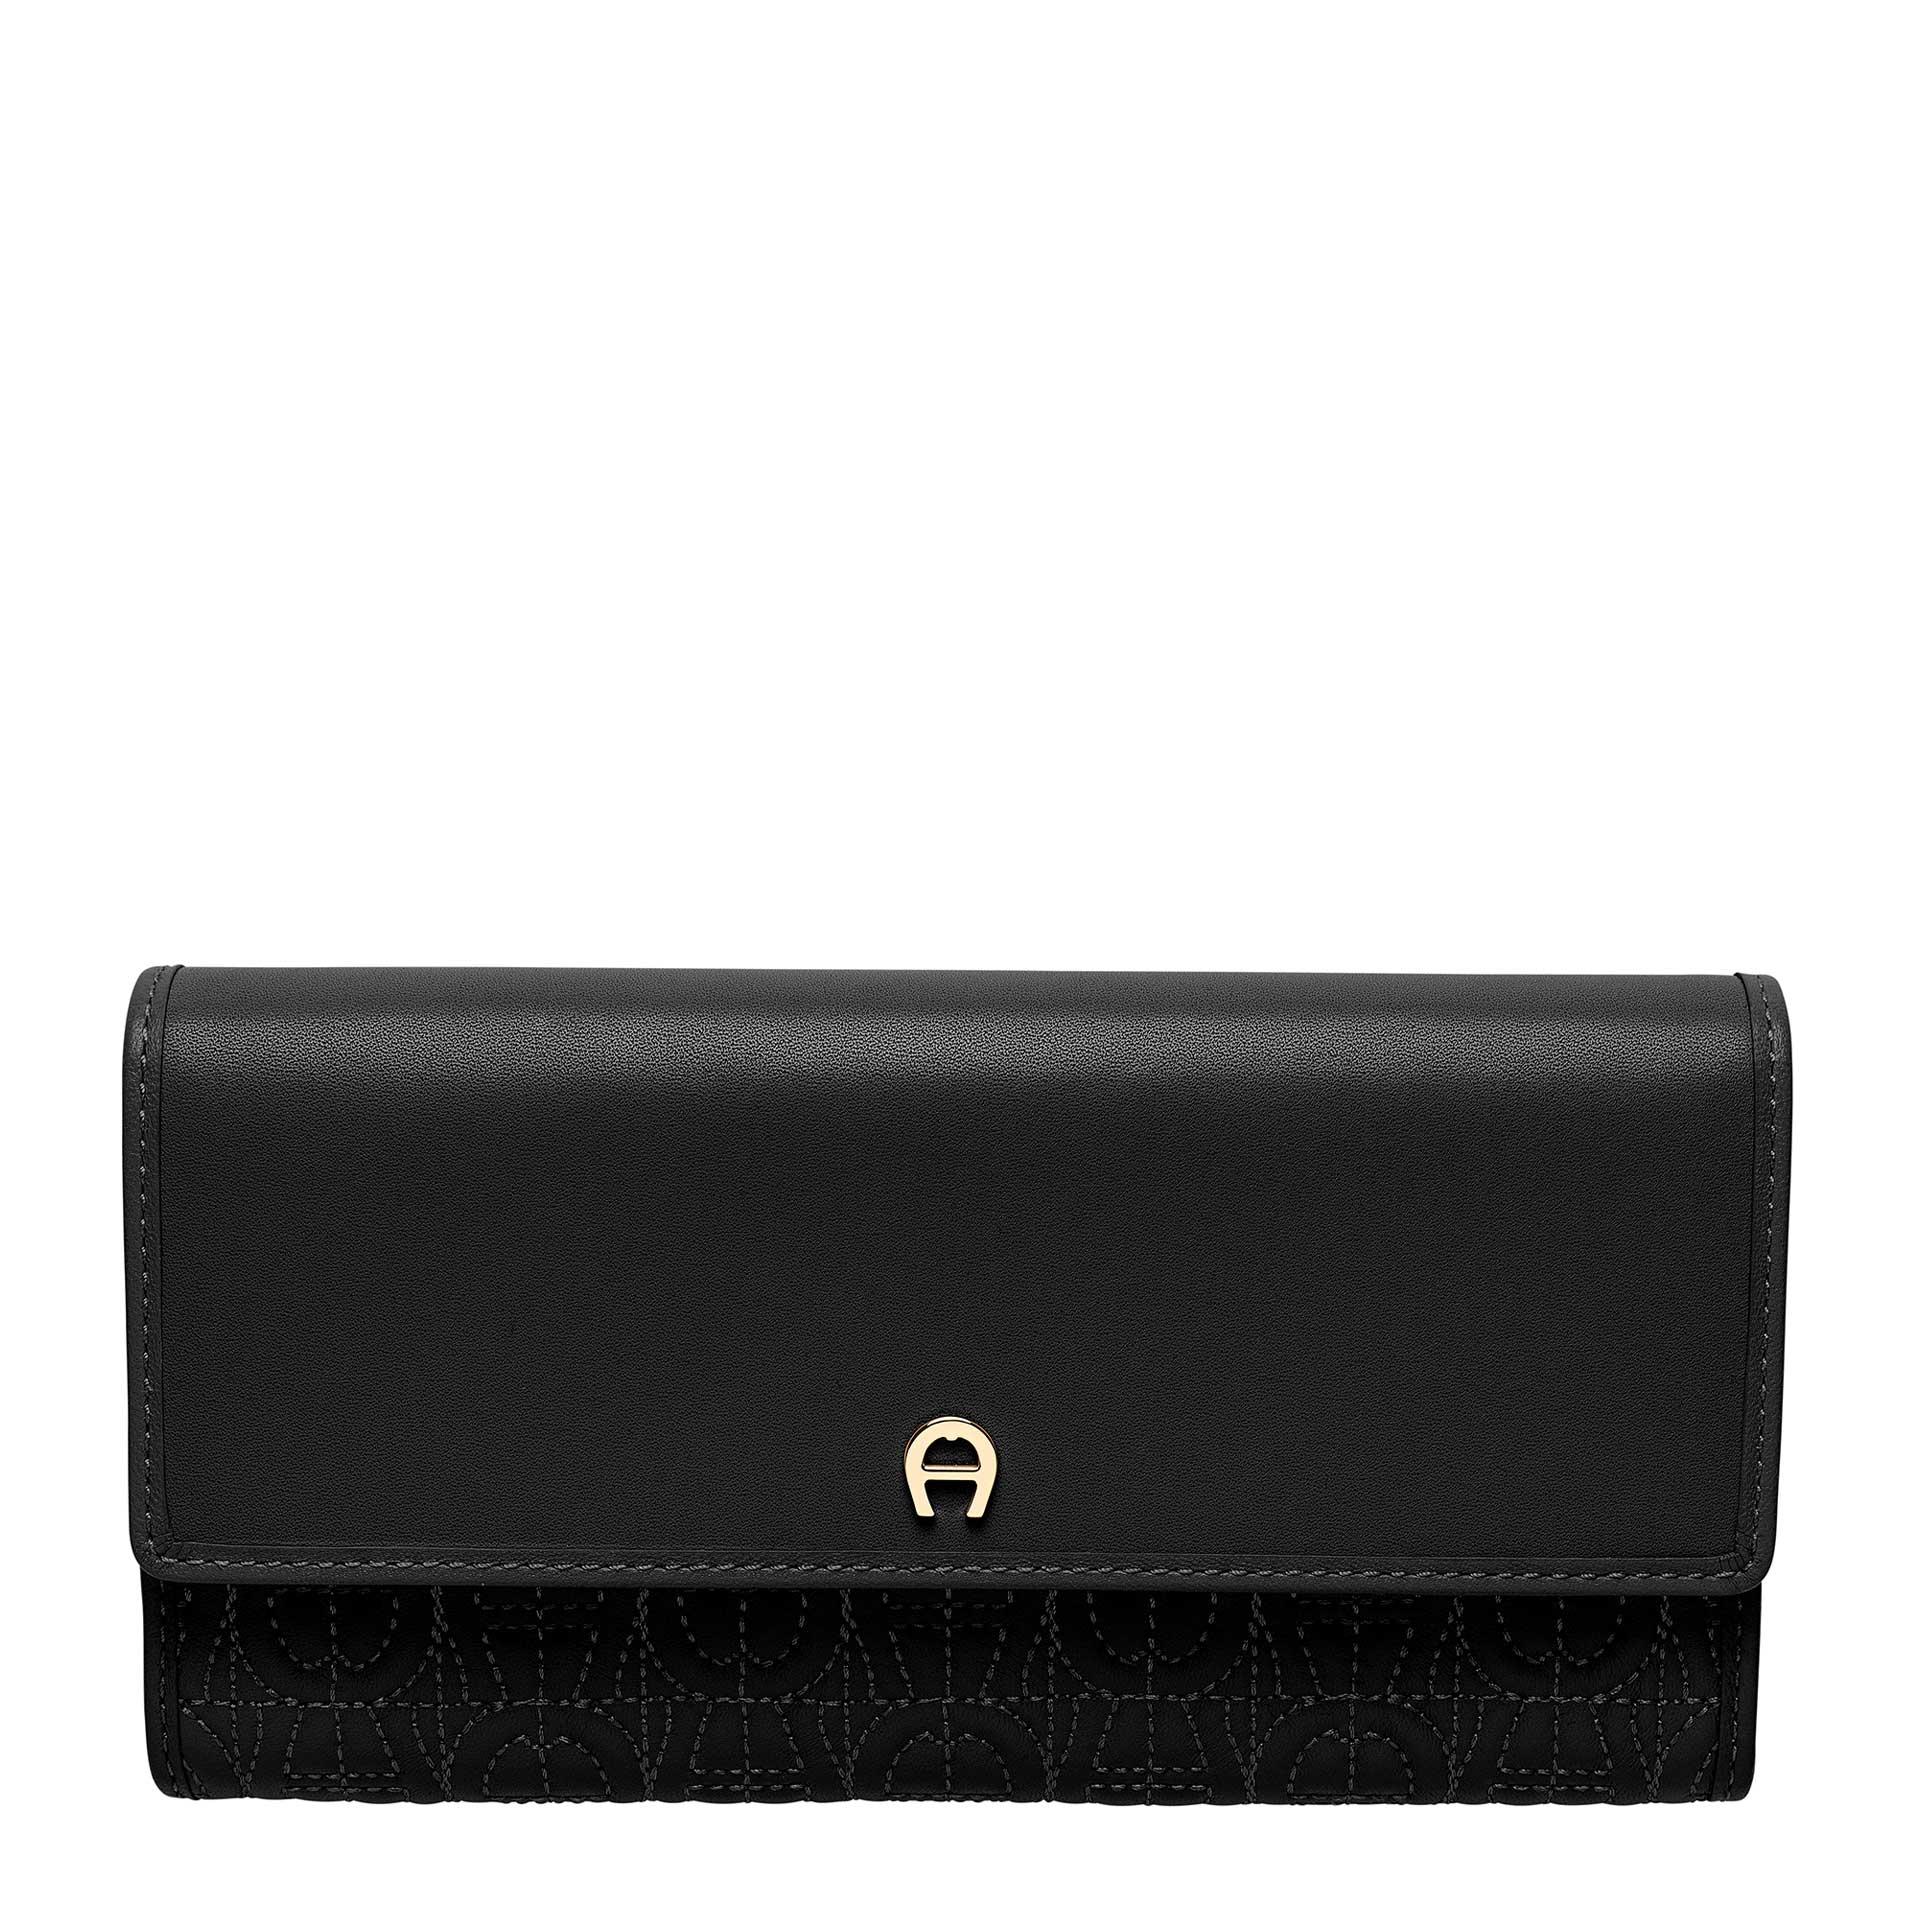 Lori Damen Geldbörse black